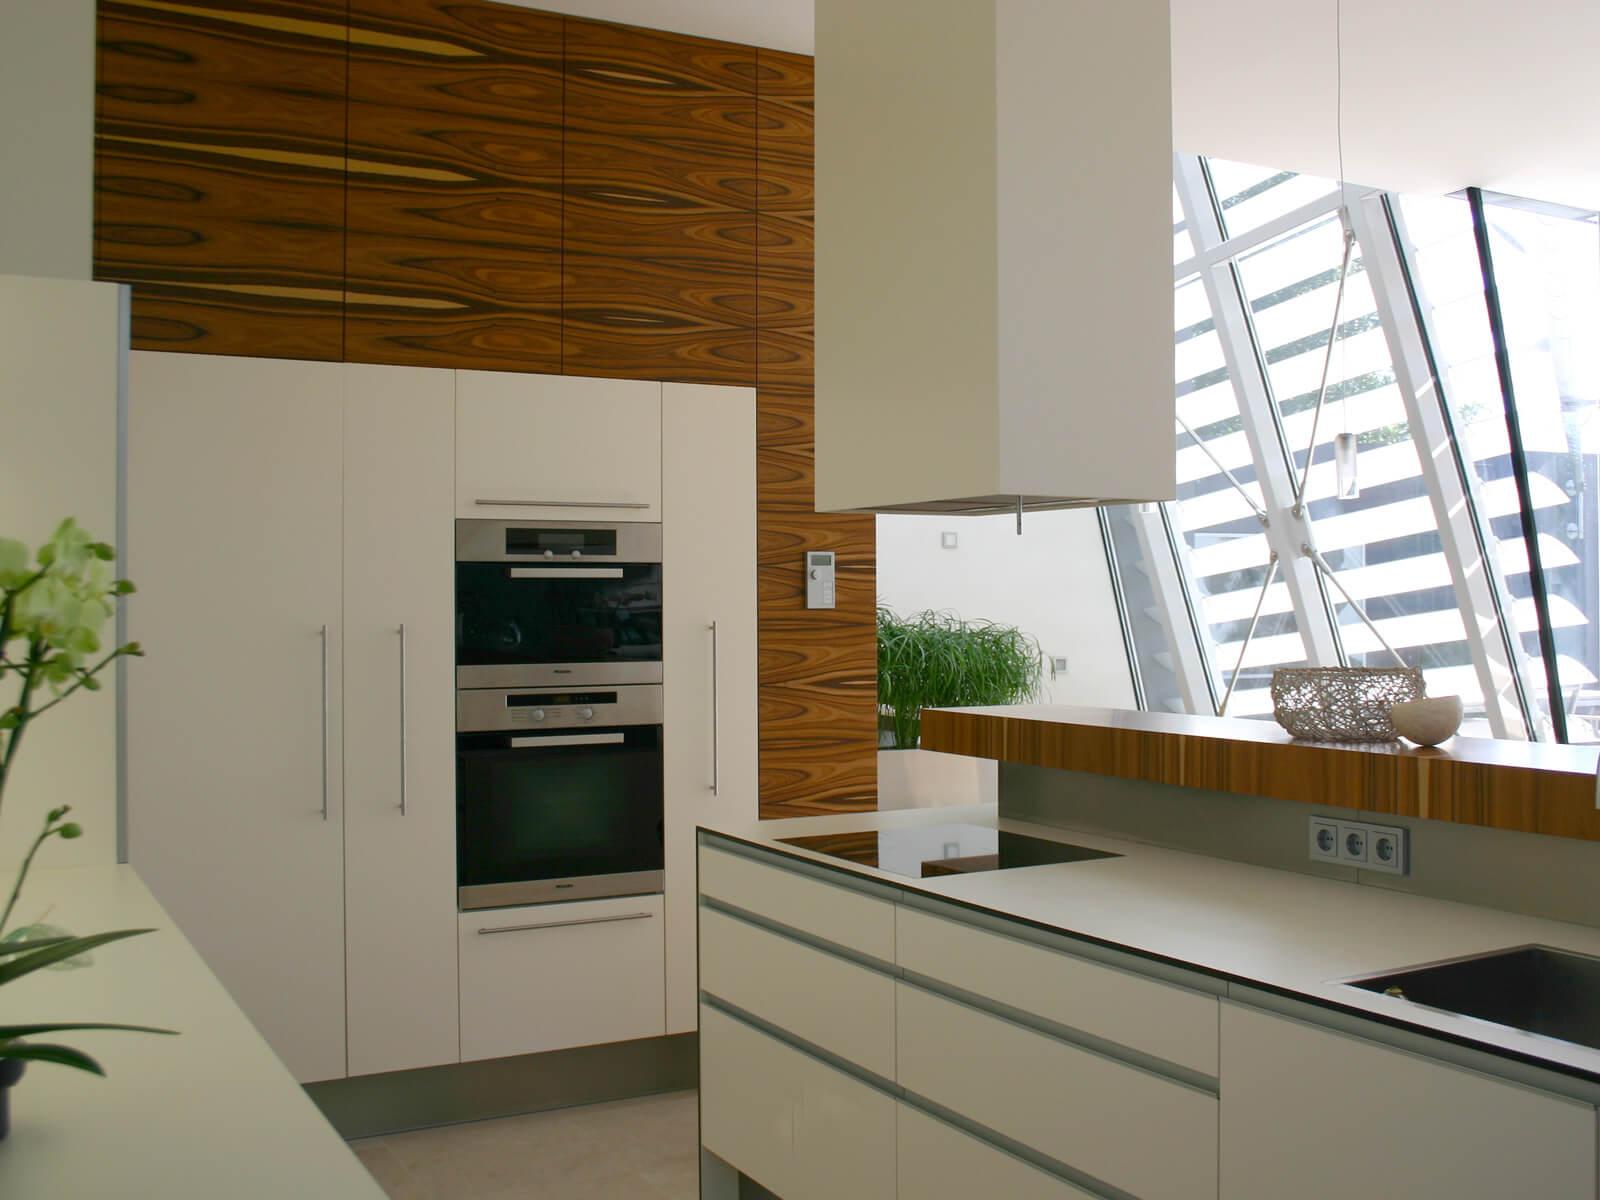 front arbeitsplatte aus beigen schichtstoffplatten. Black Bedroom Furniture Sets. Home Design Ideas